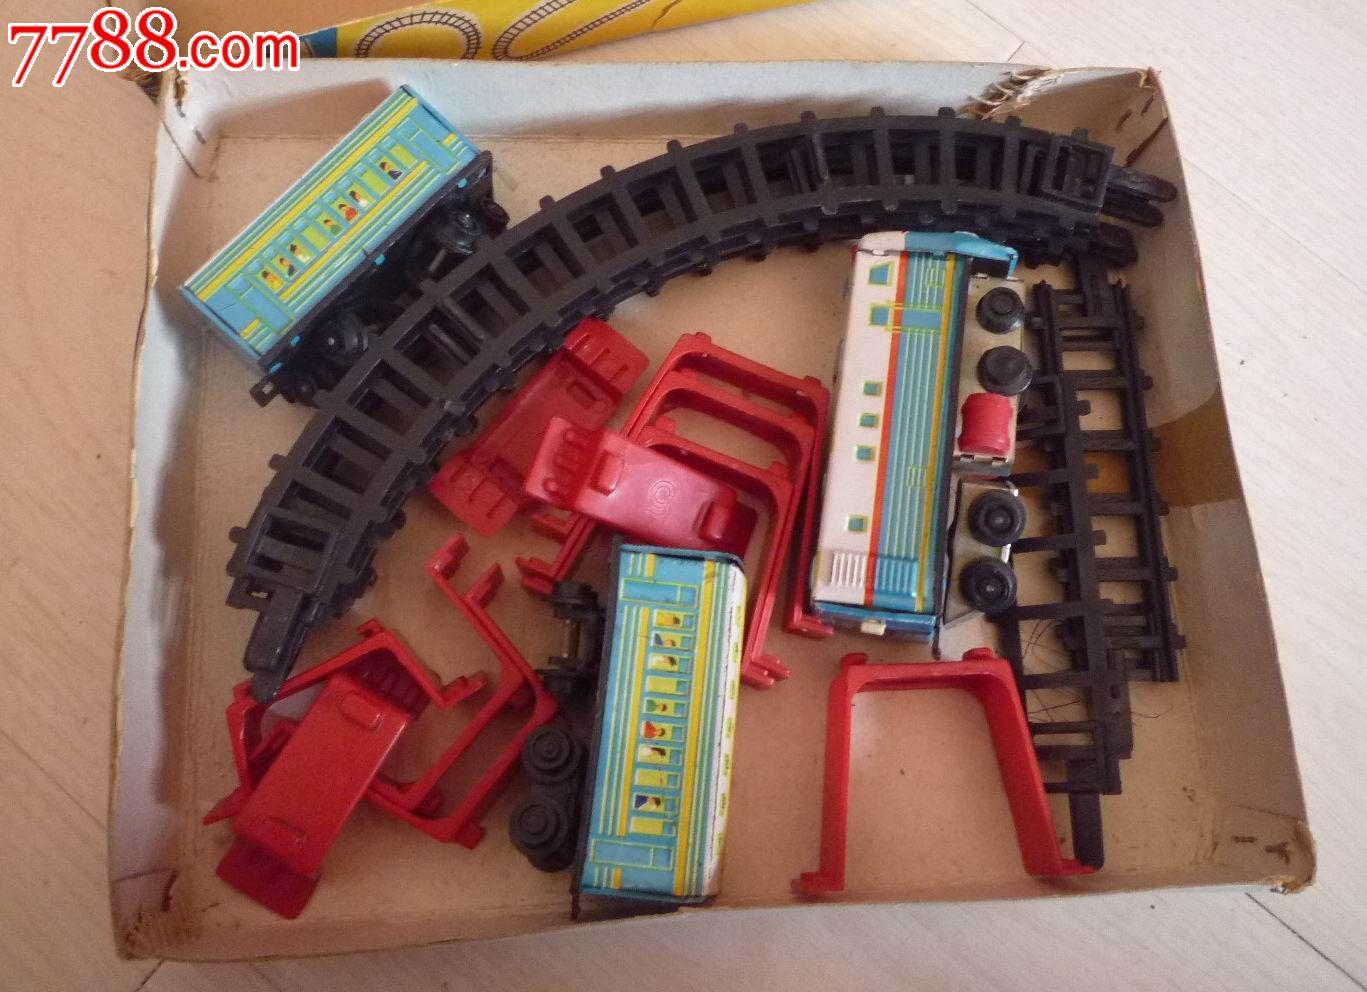 盒轨道内燃机车儿童玩具_价格元【缘此杂项小店】_第6张_中国收藏热线